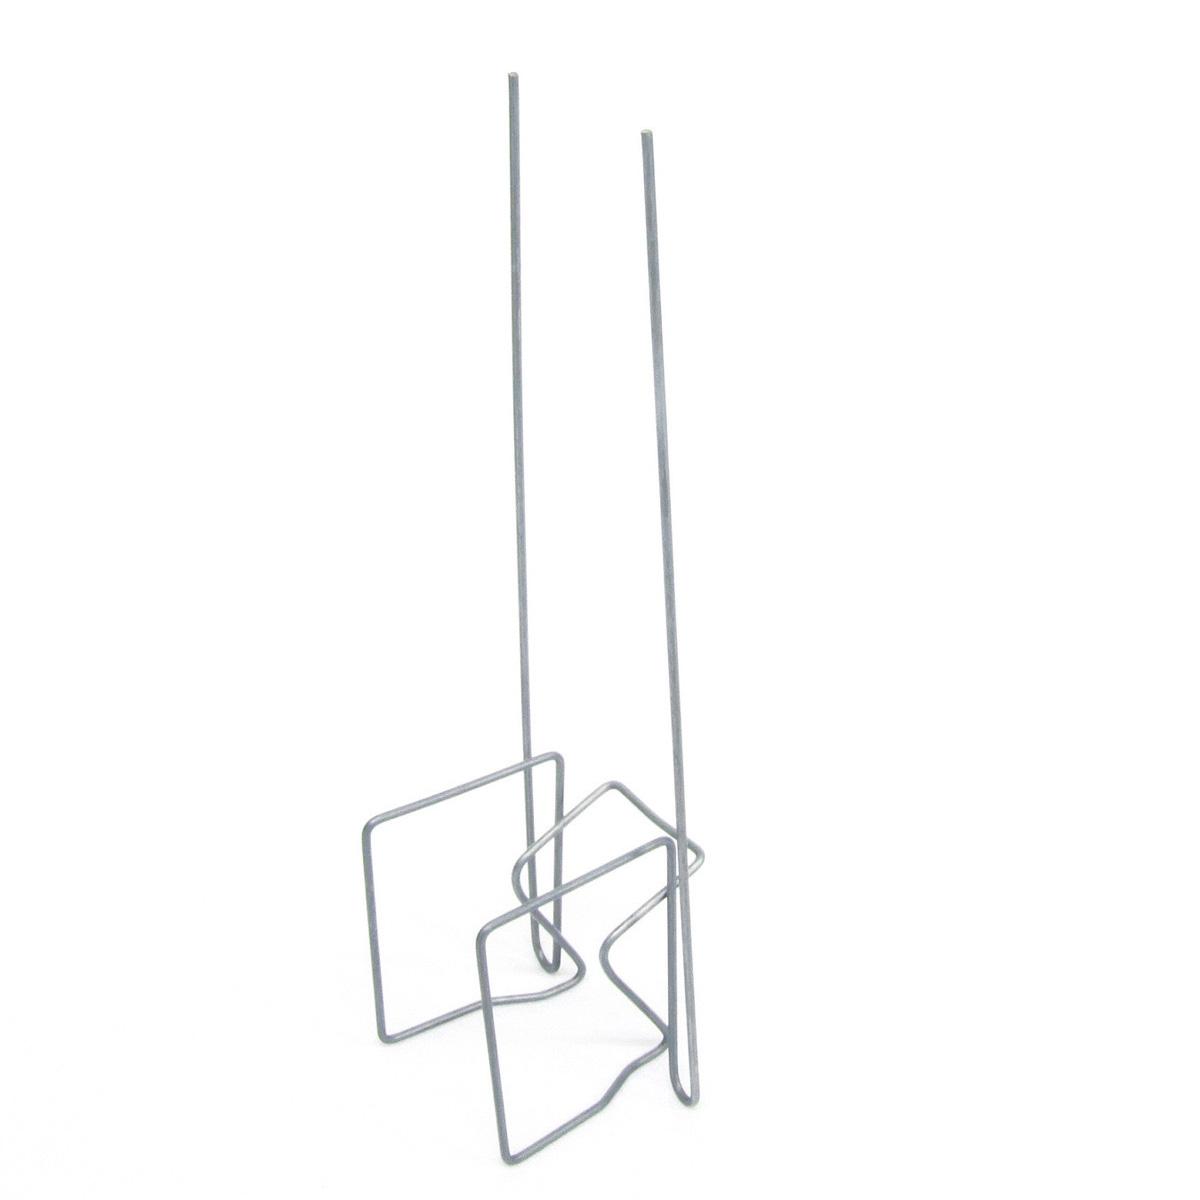 〈クリップ式剣山〉L135×W45 ピン:φ1.3